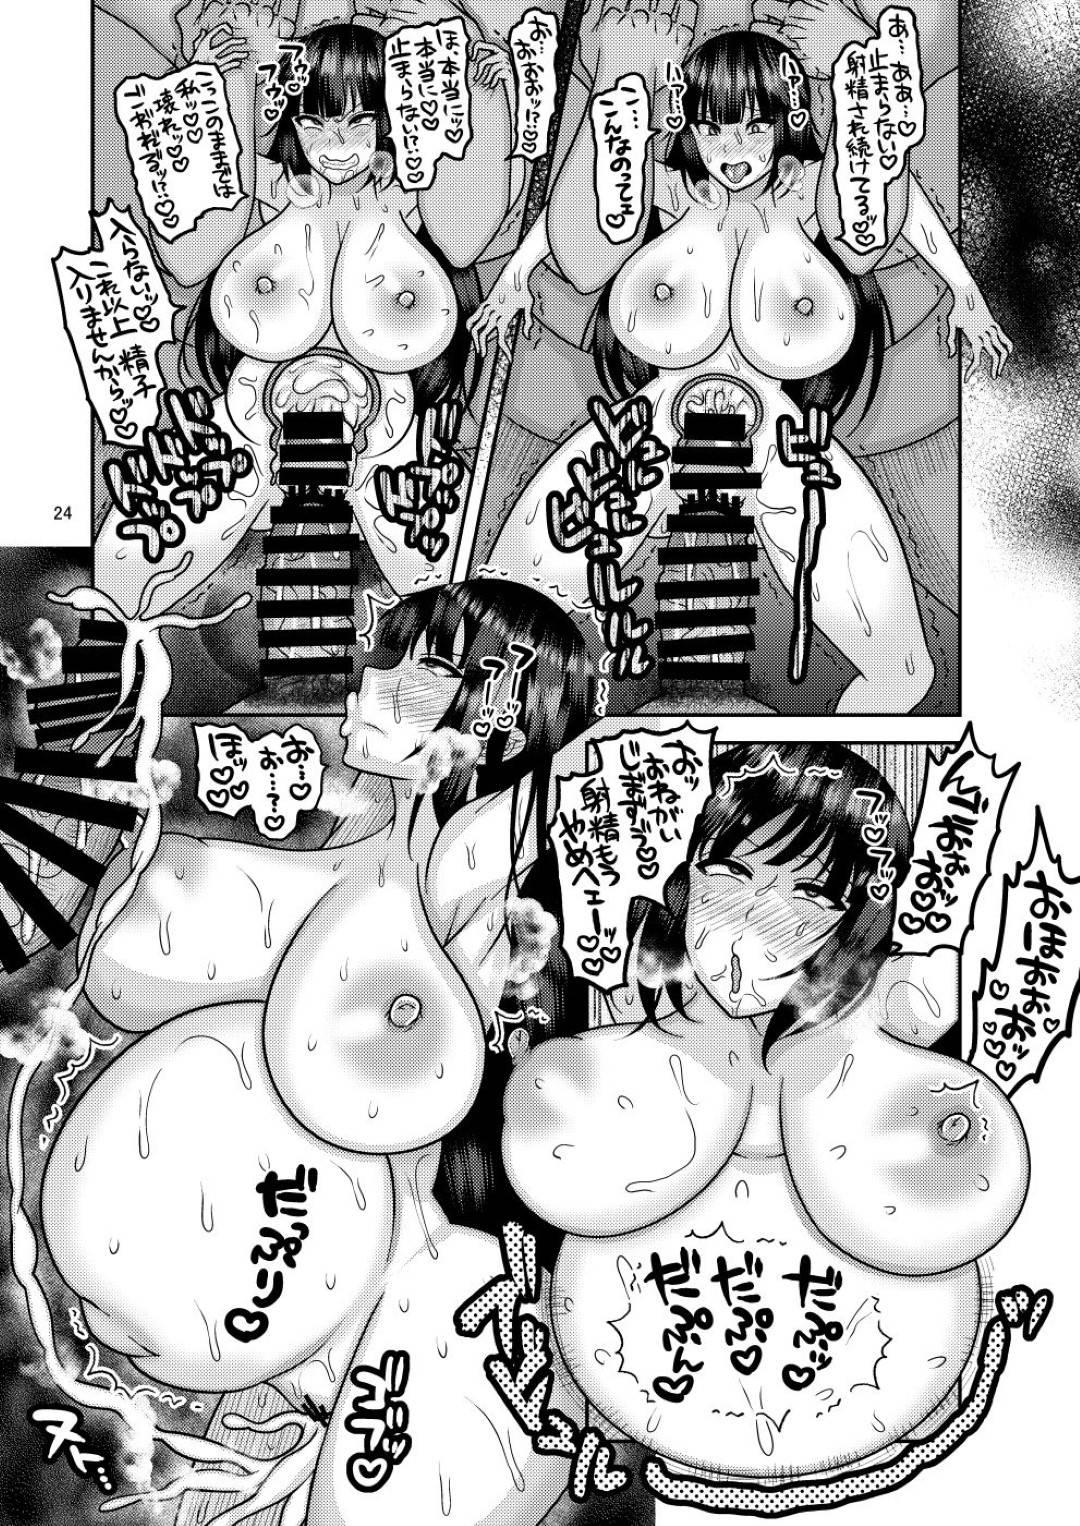 【エロ漫画】囚われの身となって鬼に犯され続けるムチムチ巨乳お姉さん。完全敗北した彼女はアヘ顔で鬼の巨根をしゃぶったり、中出しセックスしたりしてヨガりまくる!